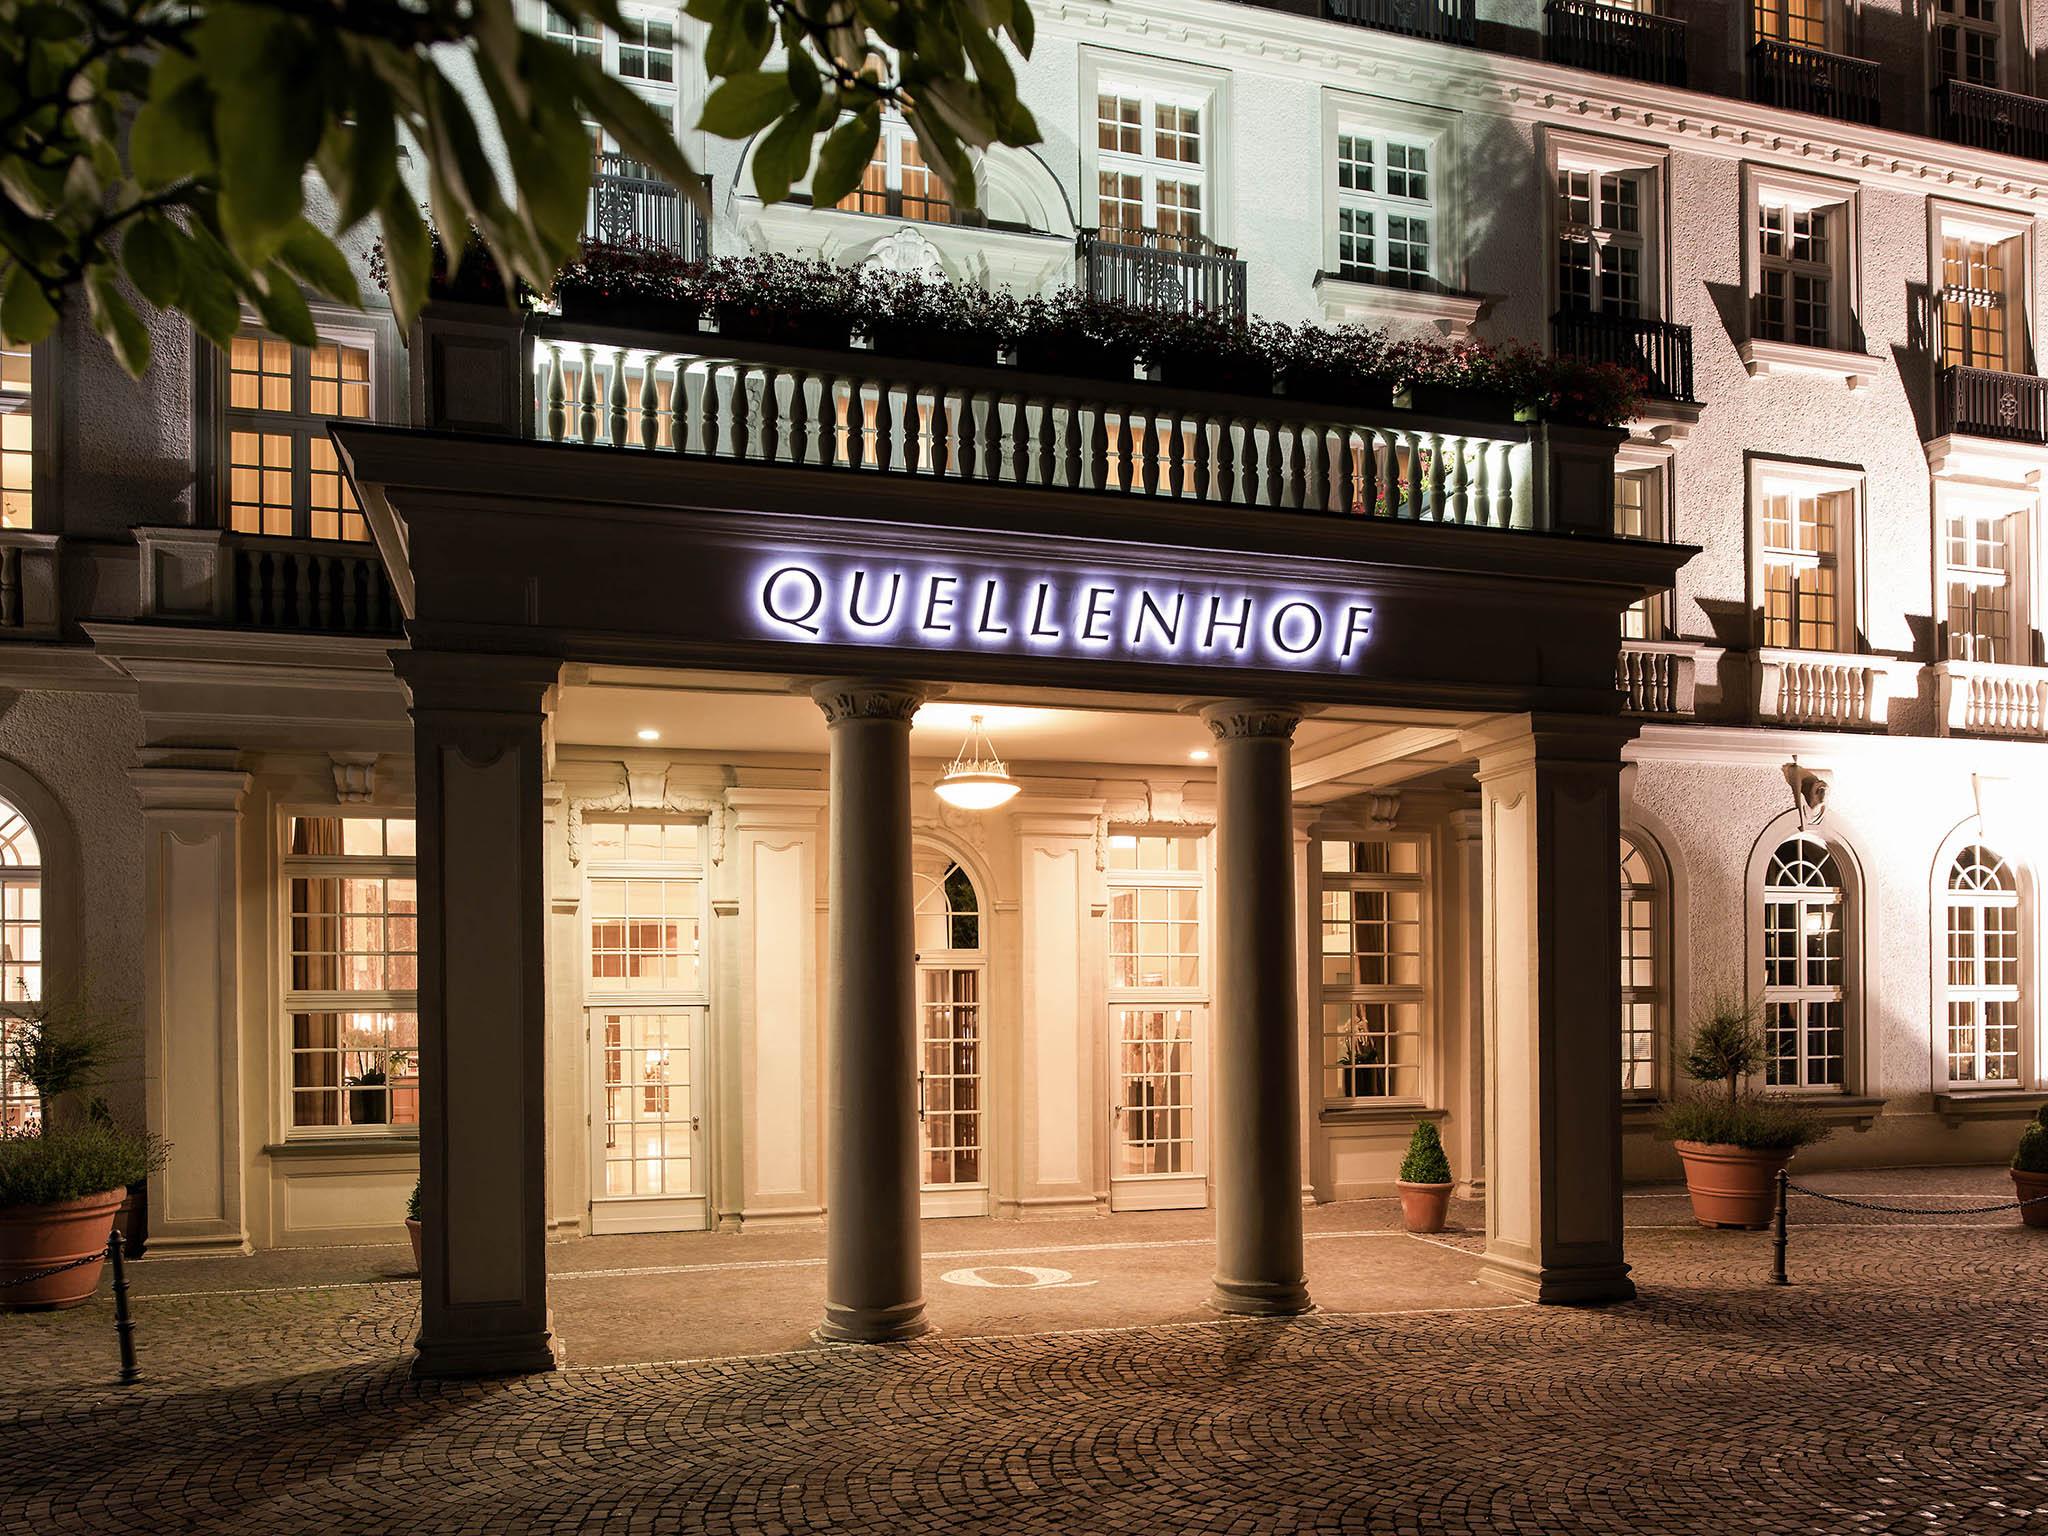 Hotell – Pullman Aachen Quellenhof